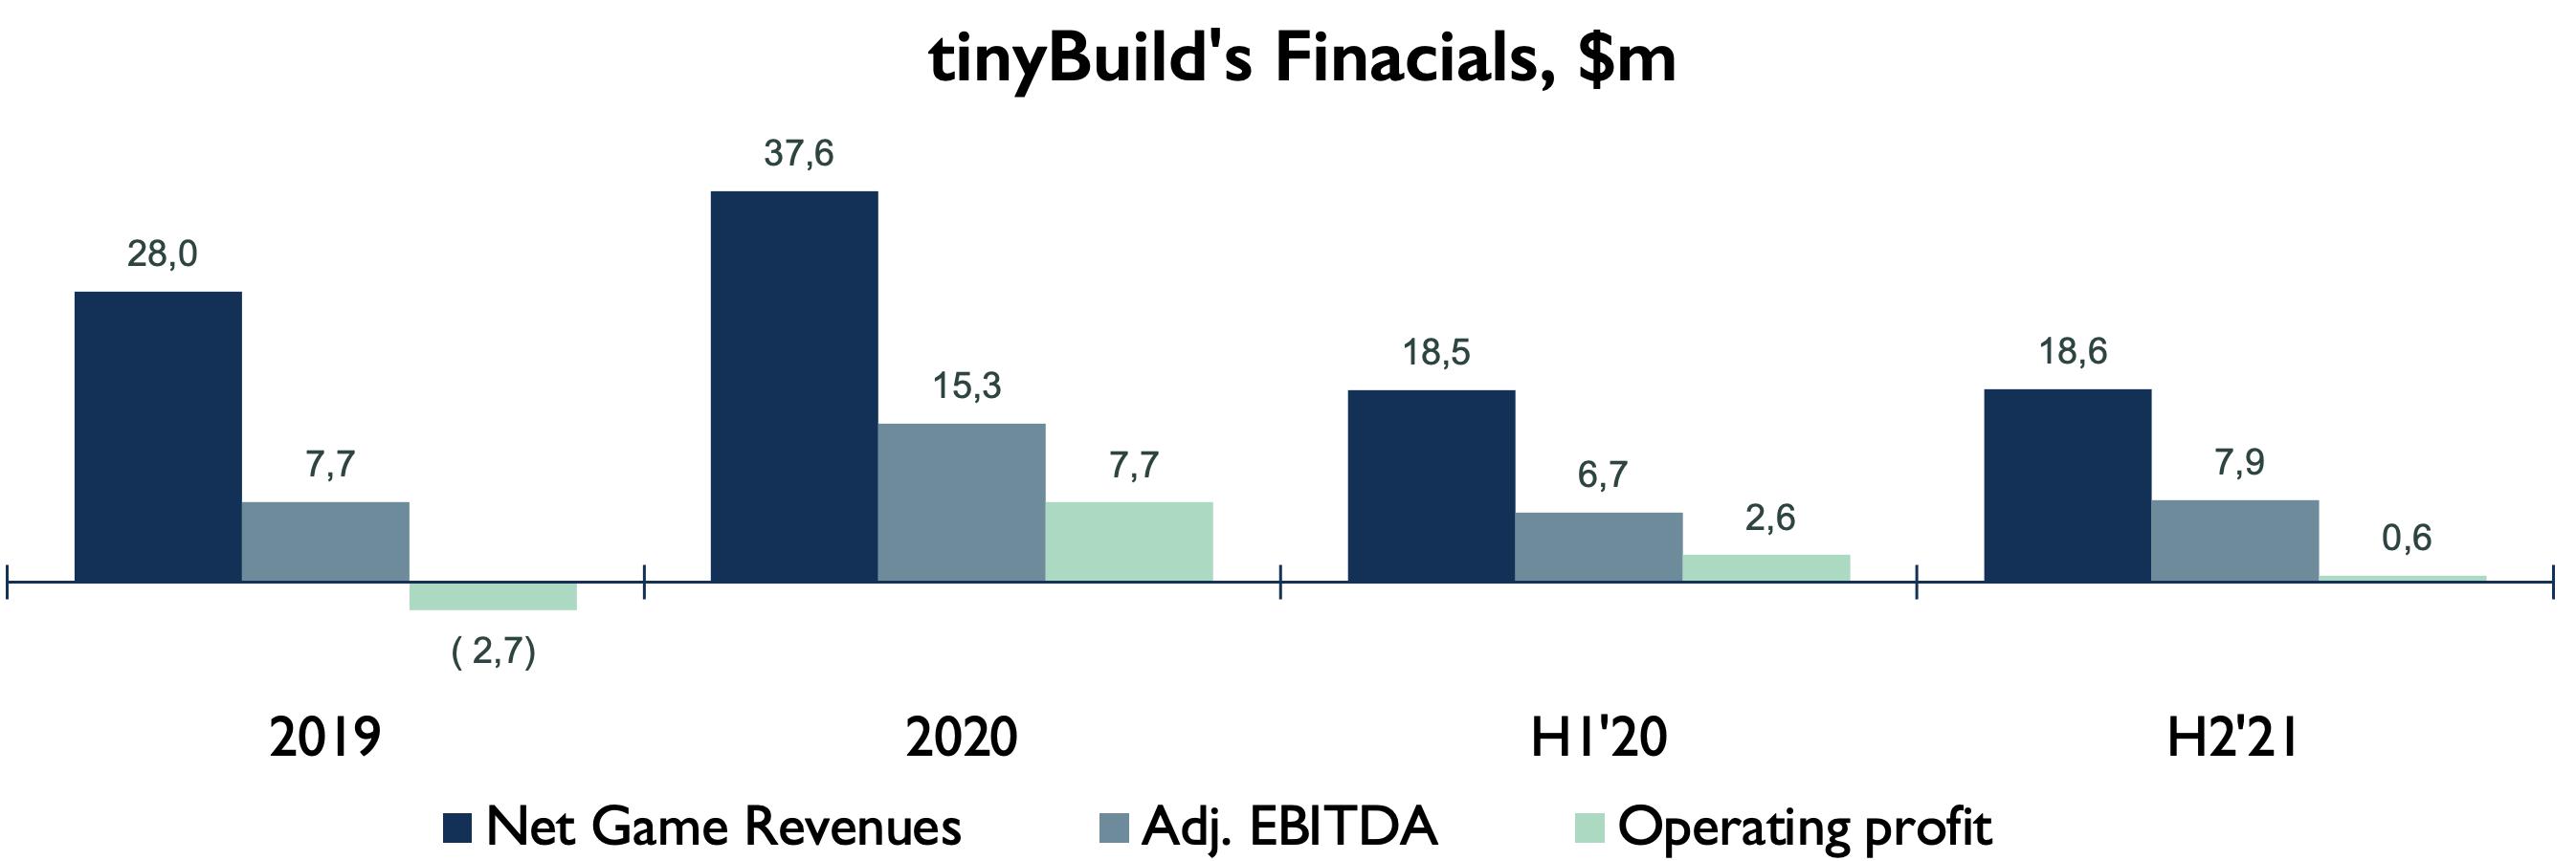 tinybuild financials